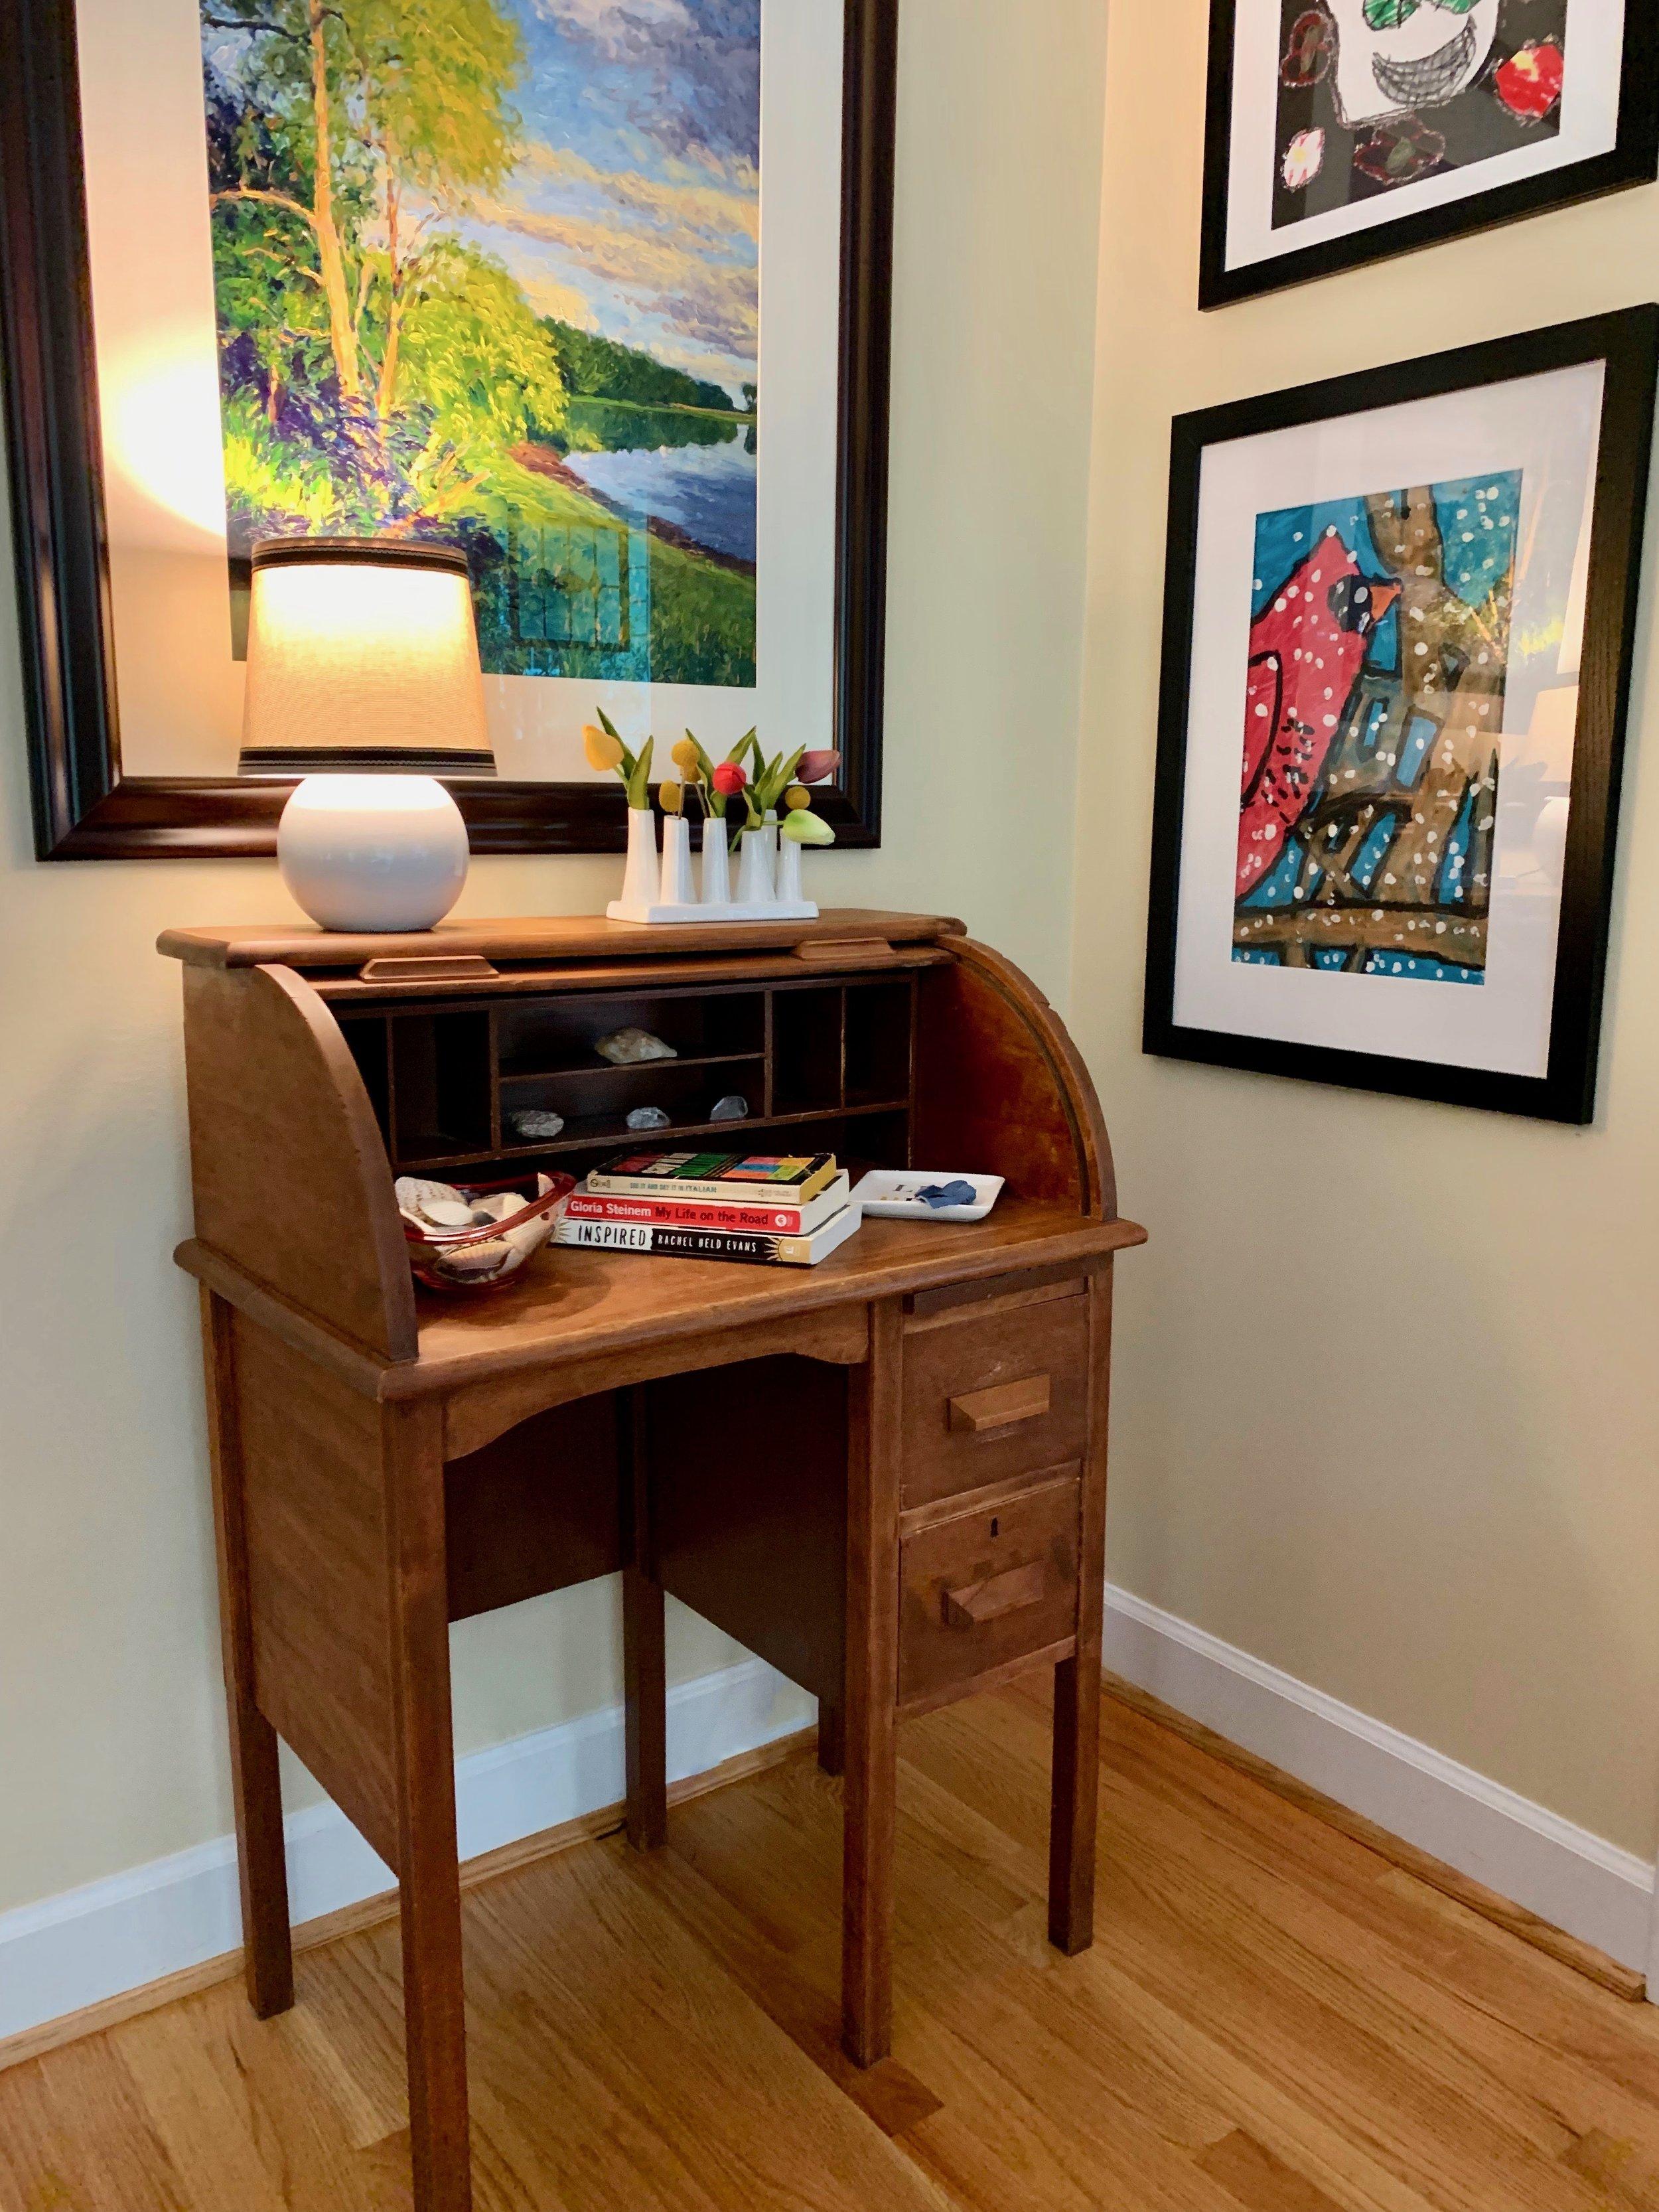 antique-desk-living-room